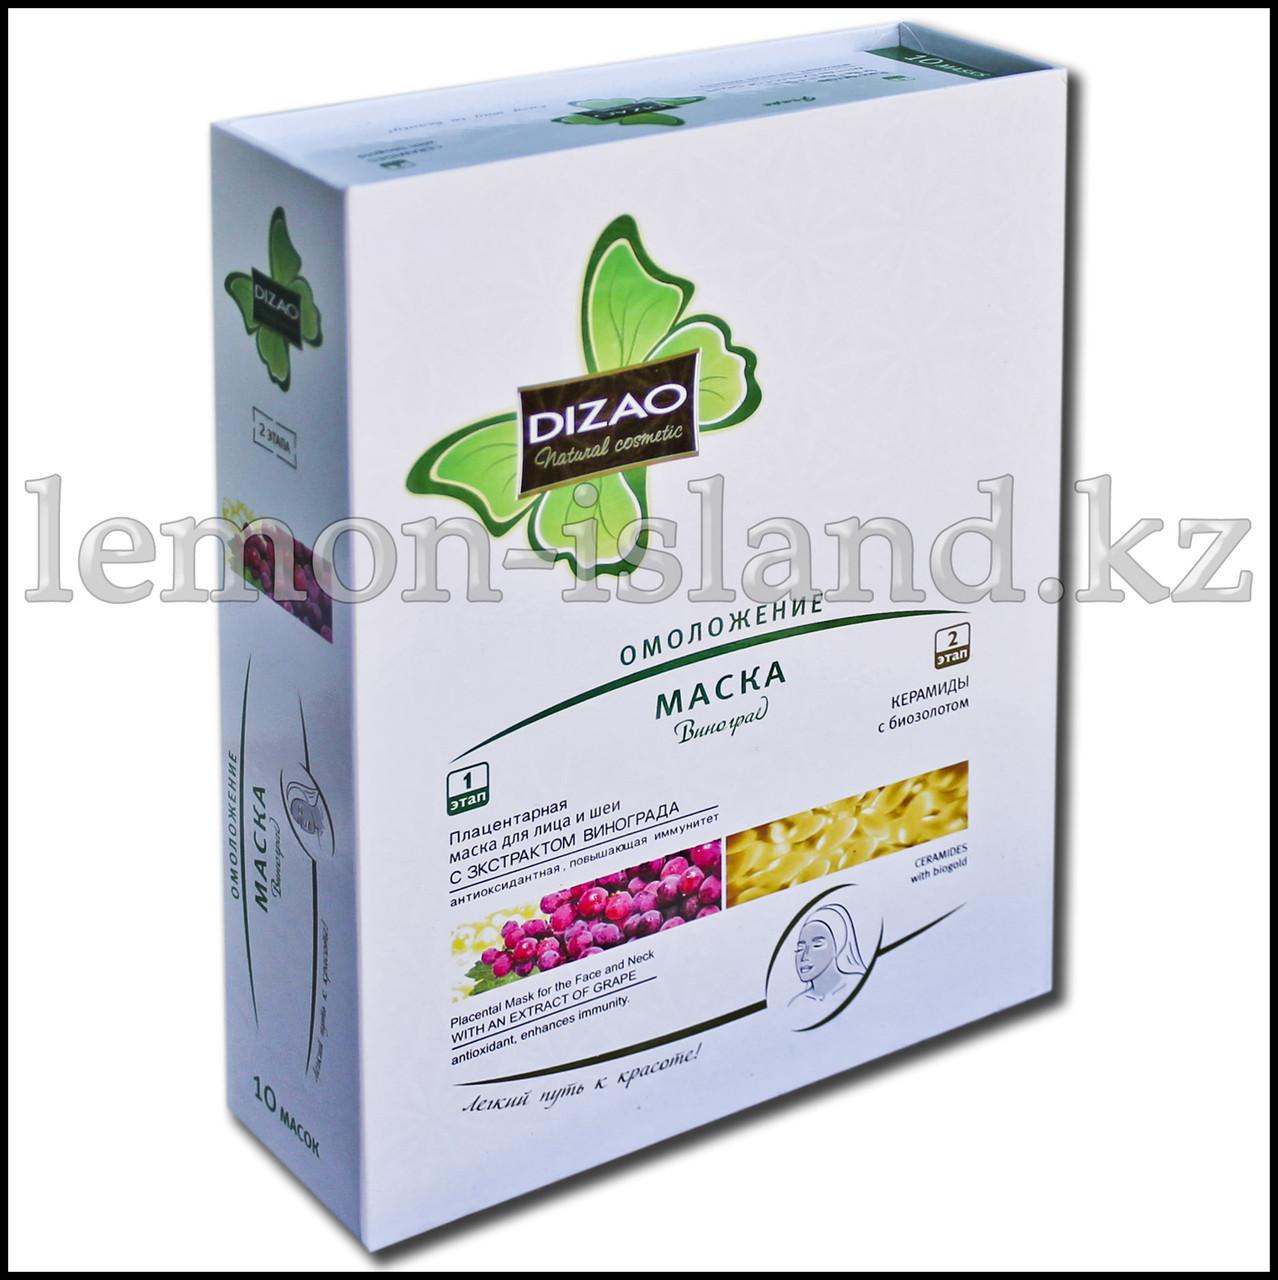 Маска для лица и шеи Dizao тканевая двухкомпонентная с экстрактом винограда.